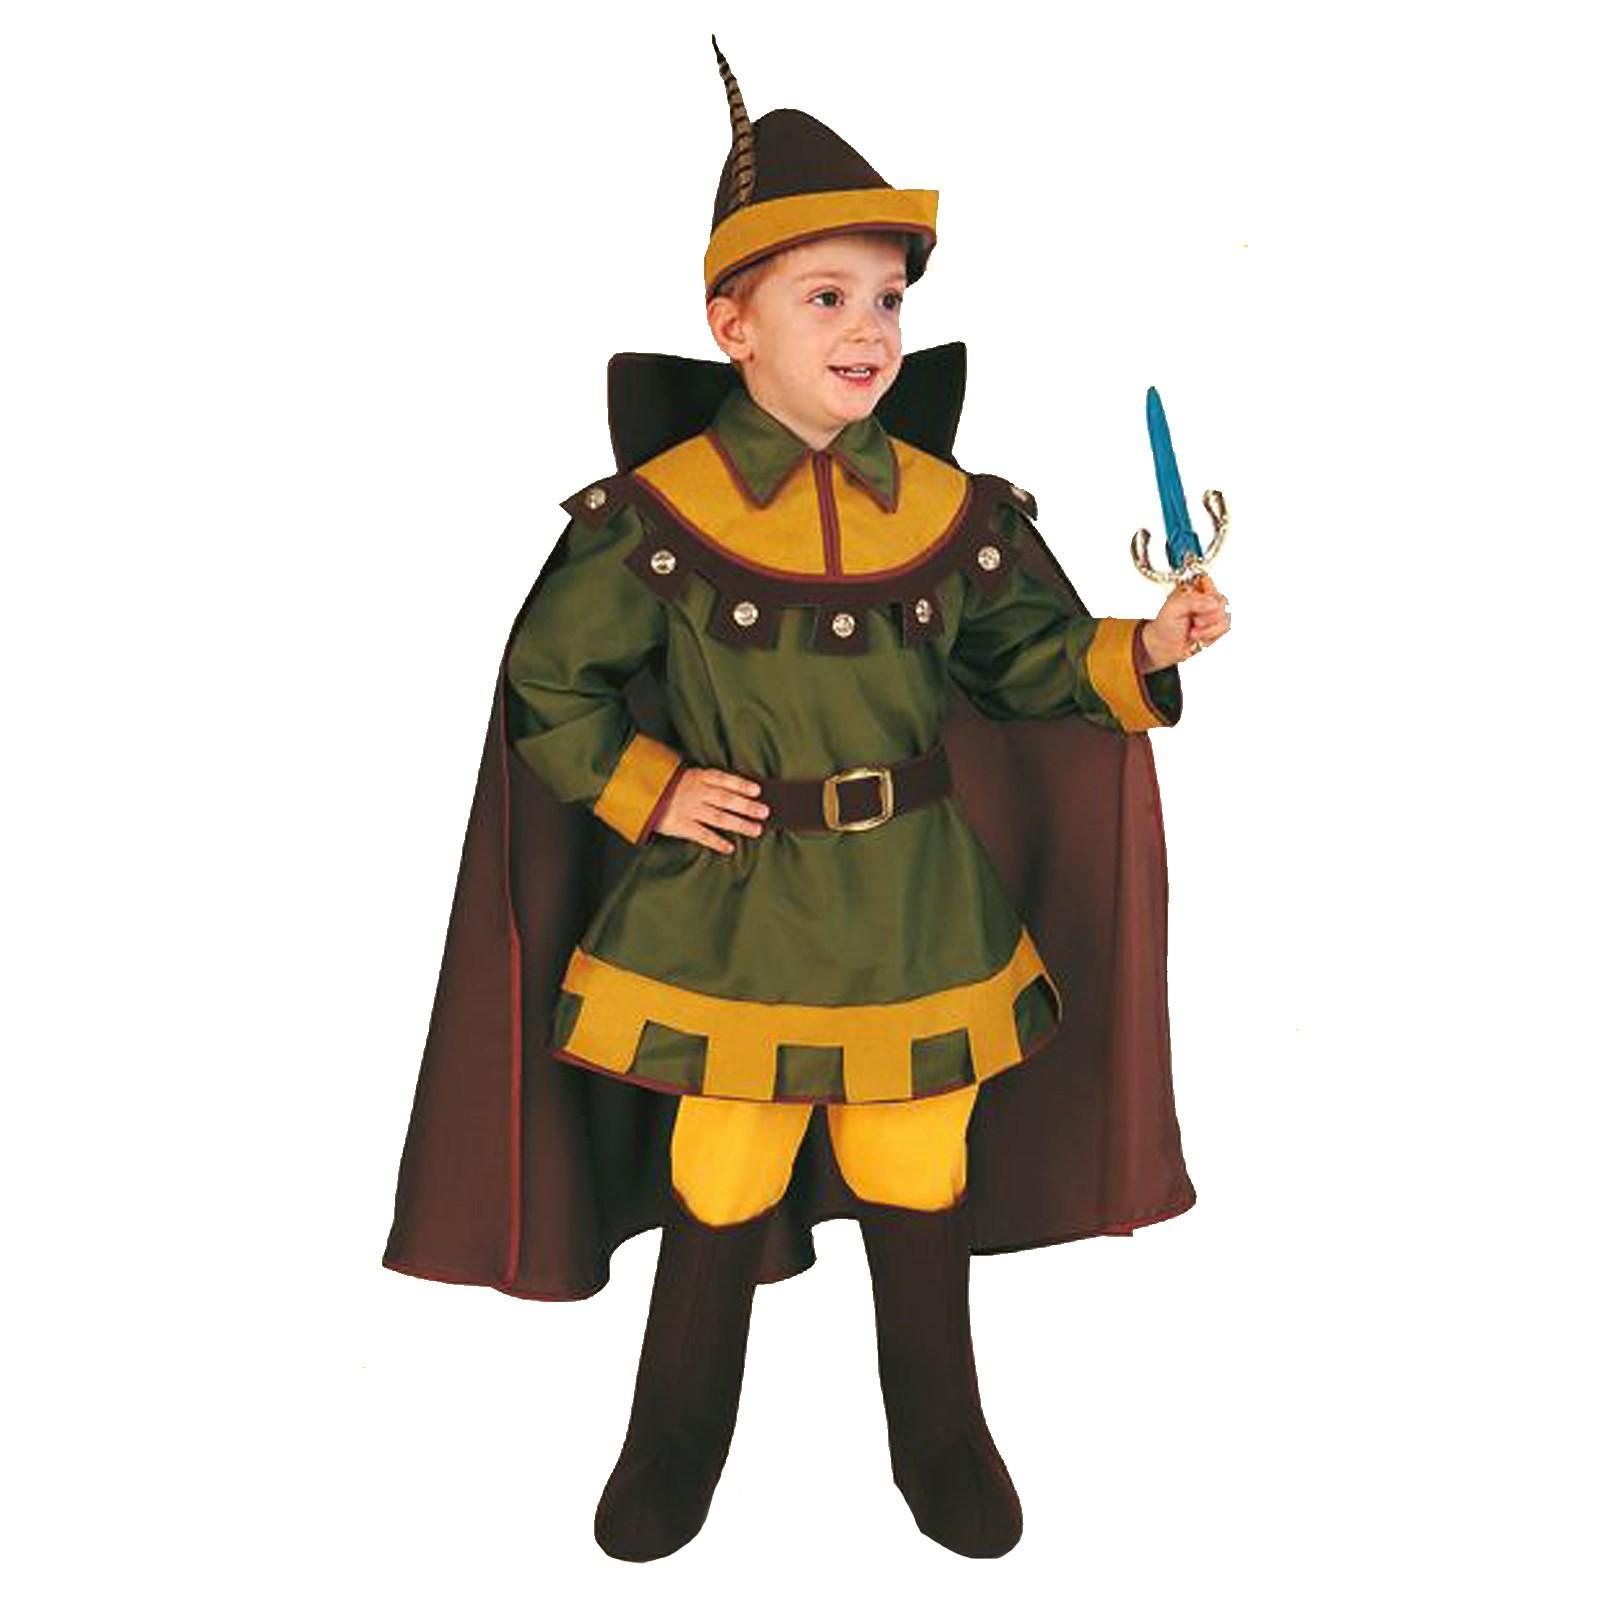 Costume Vestito di Carnevale Robin Hood Bambino Travestimento 3 4 Anni 86 Cm 9e4c66ddc448